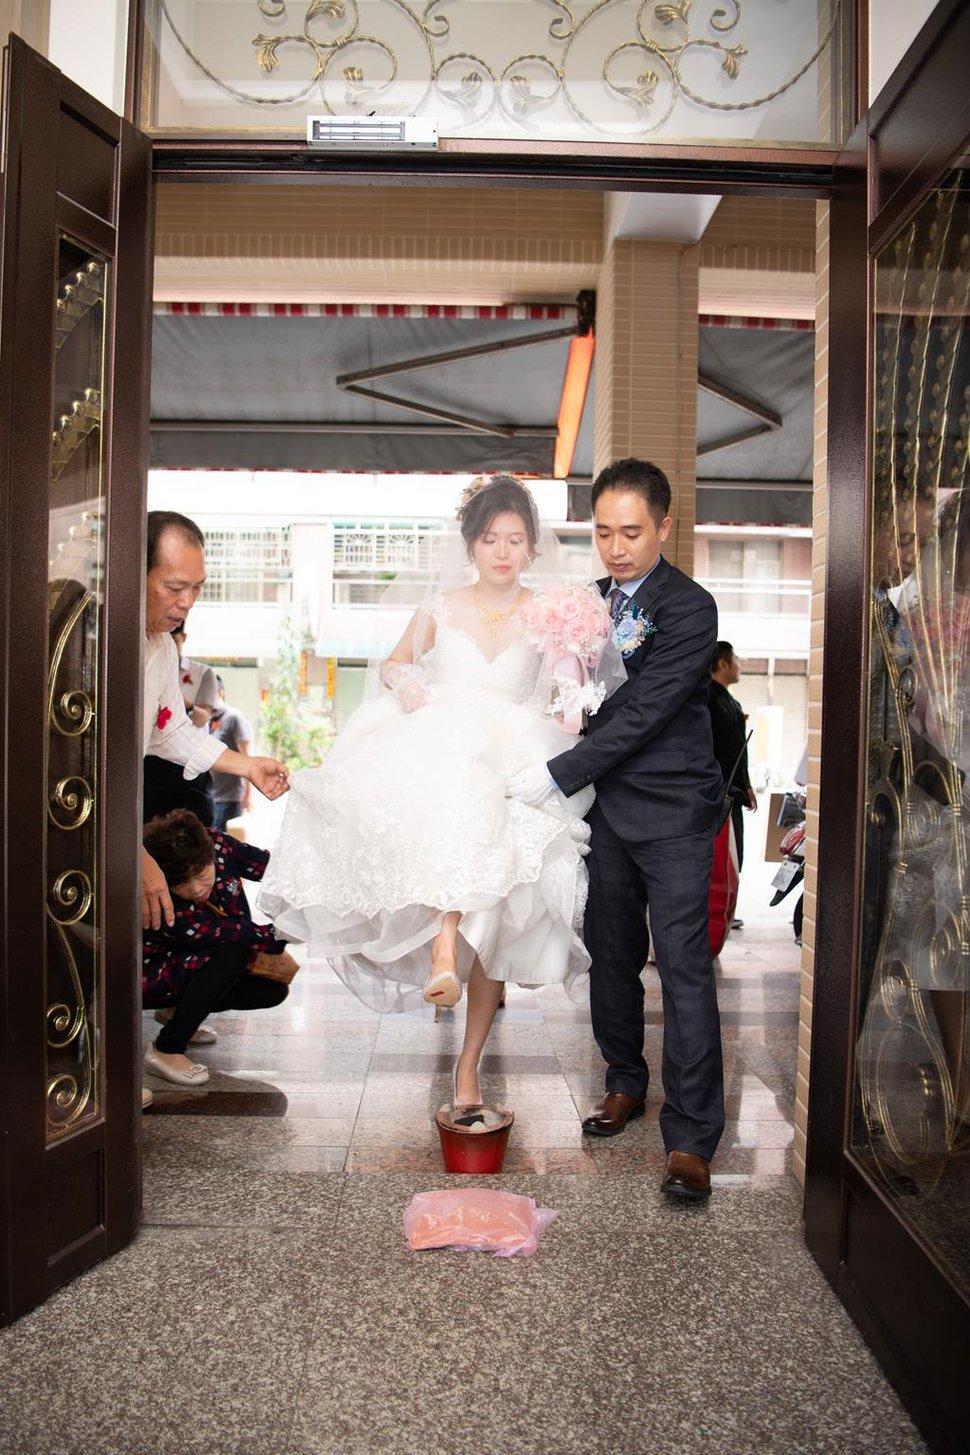 書孟&逸琳婚禮紀實-2-31 - Mr. Happiness 幸福先生《結婚吧》